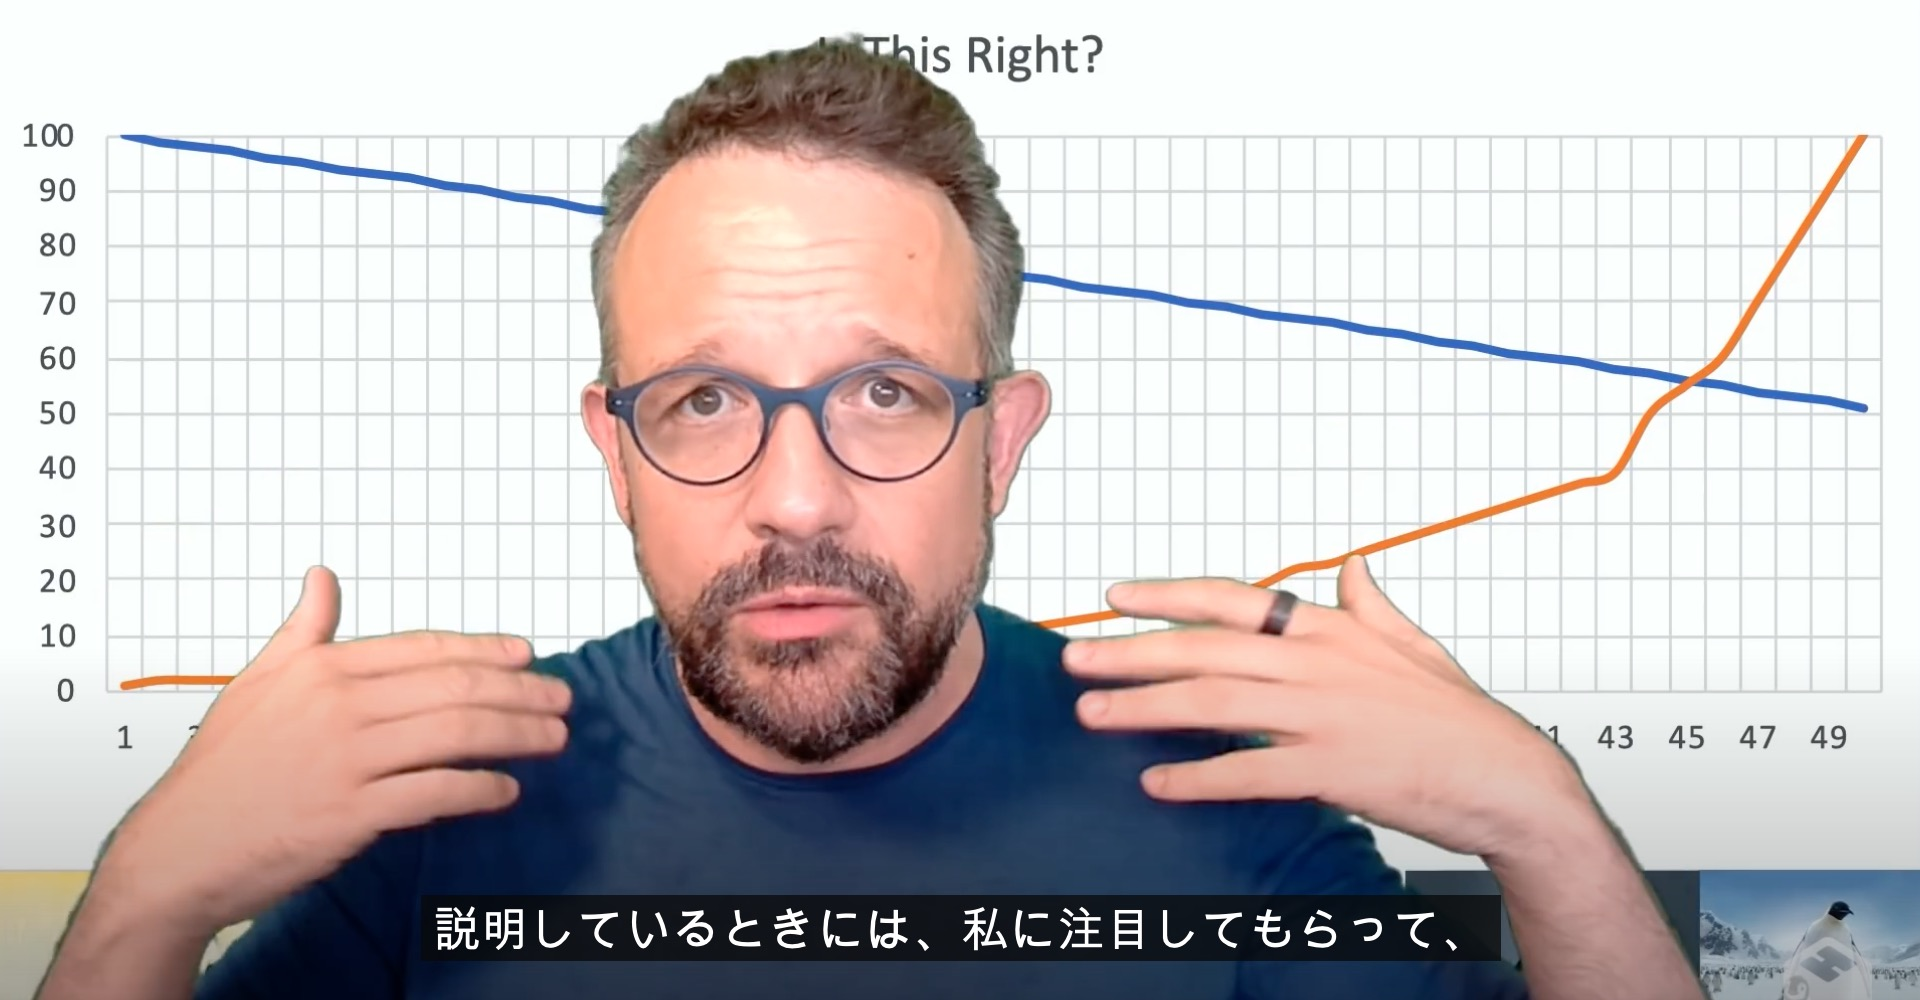 mmhmmグラフを背景